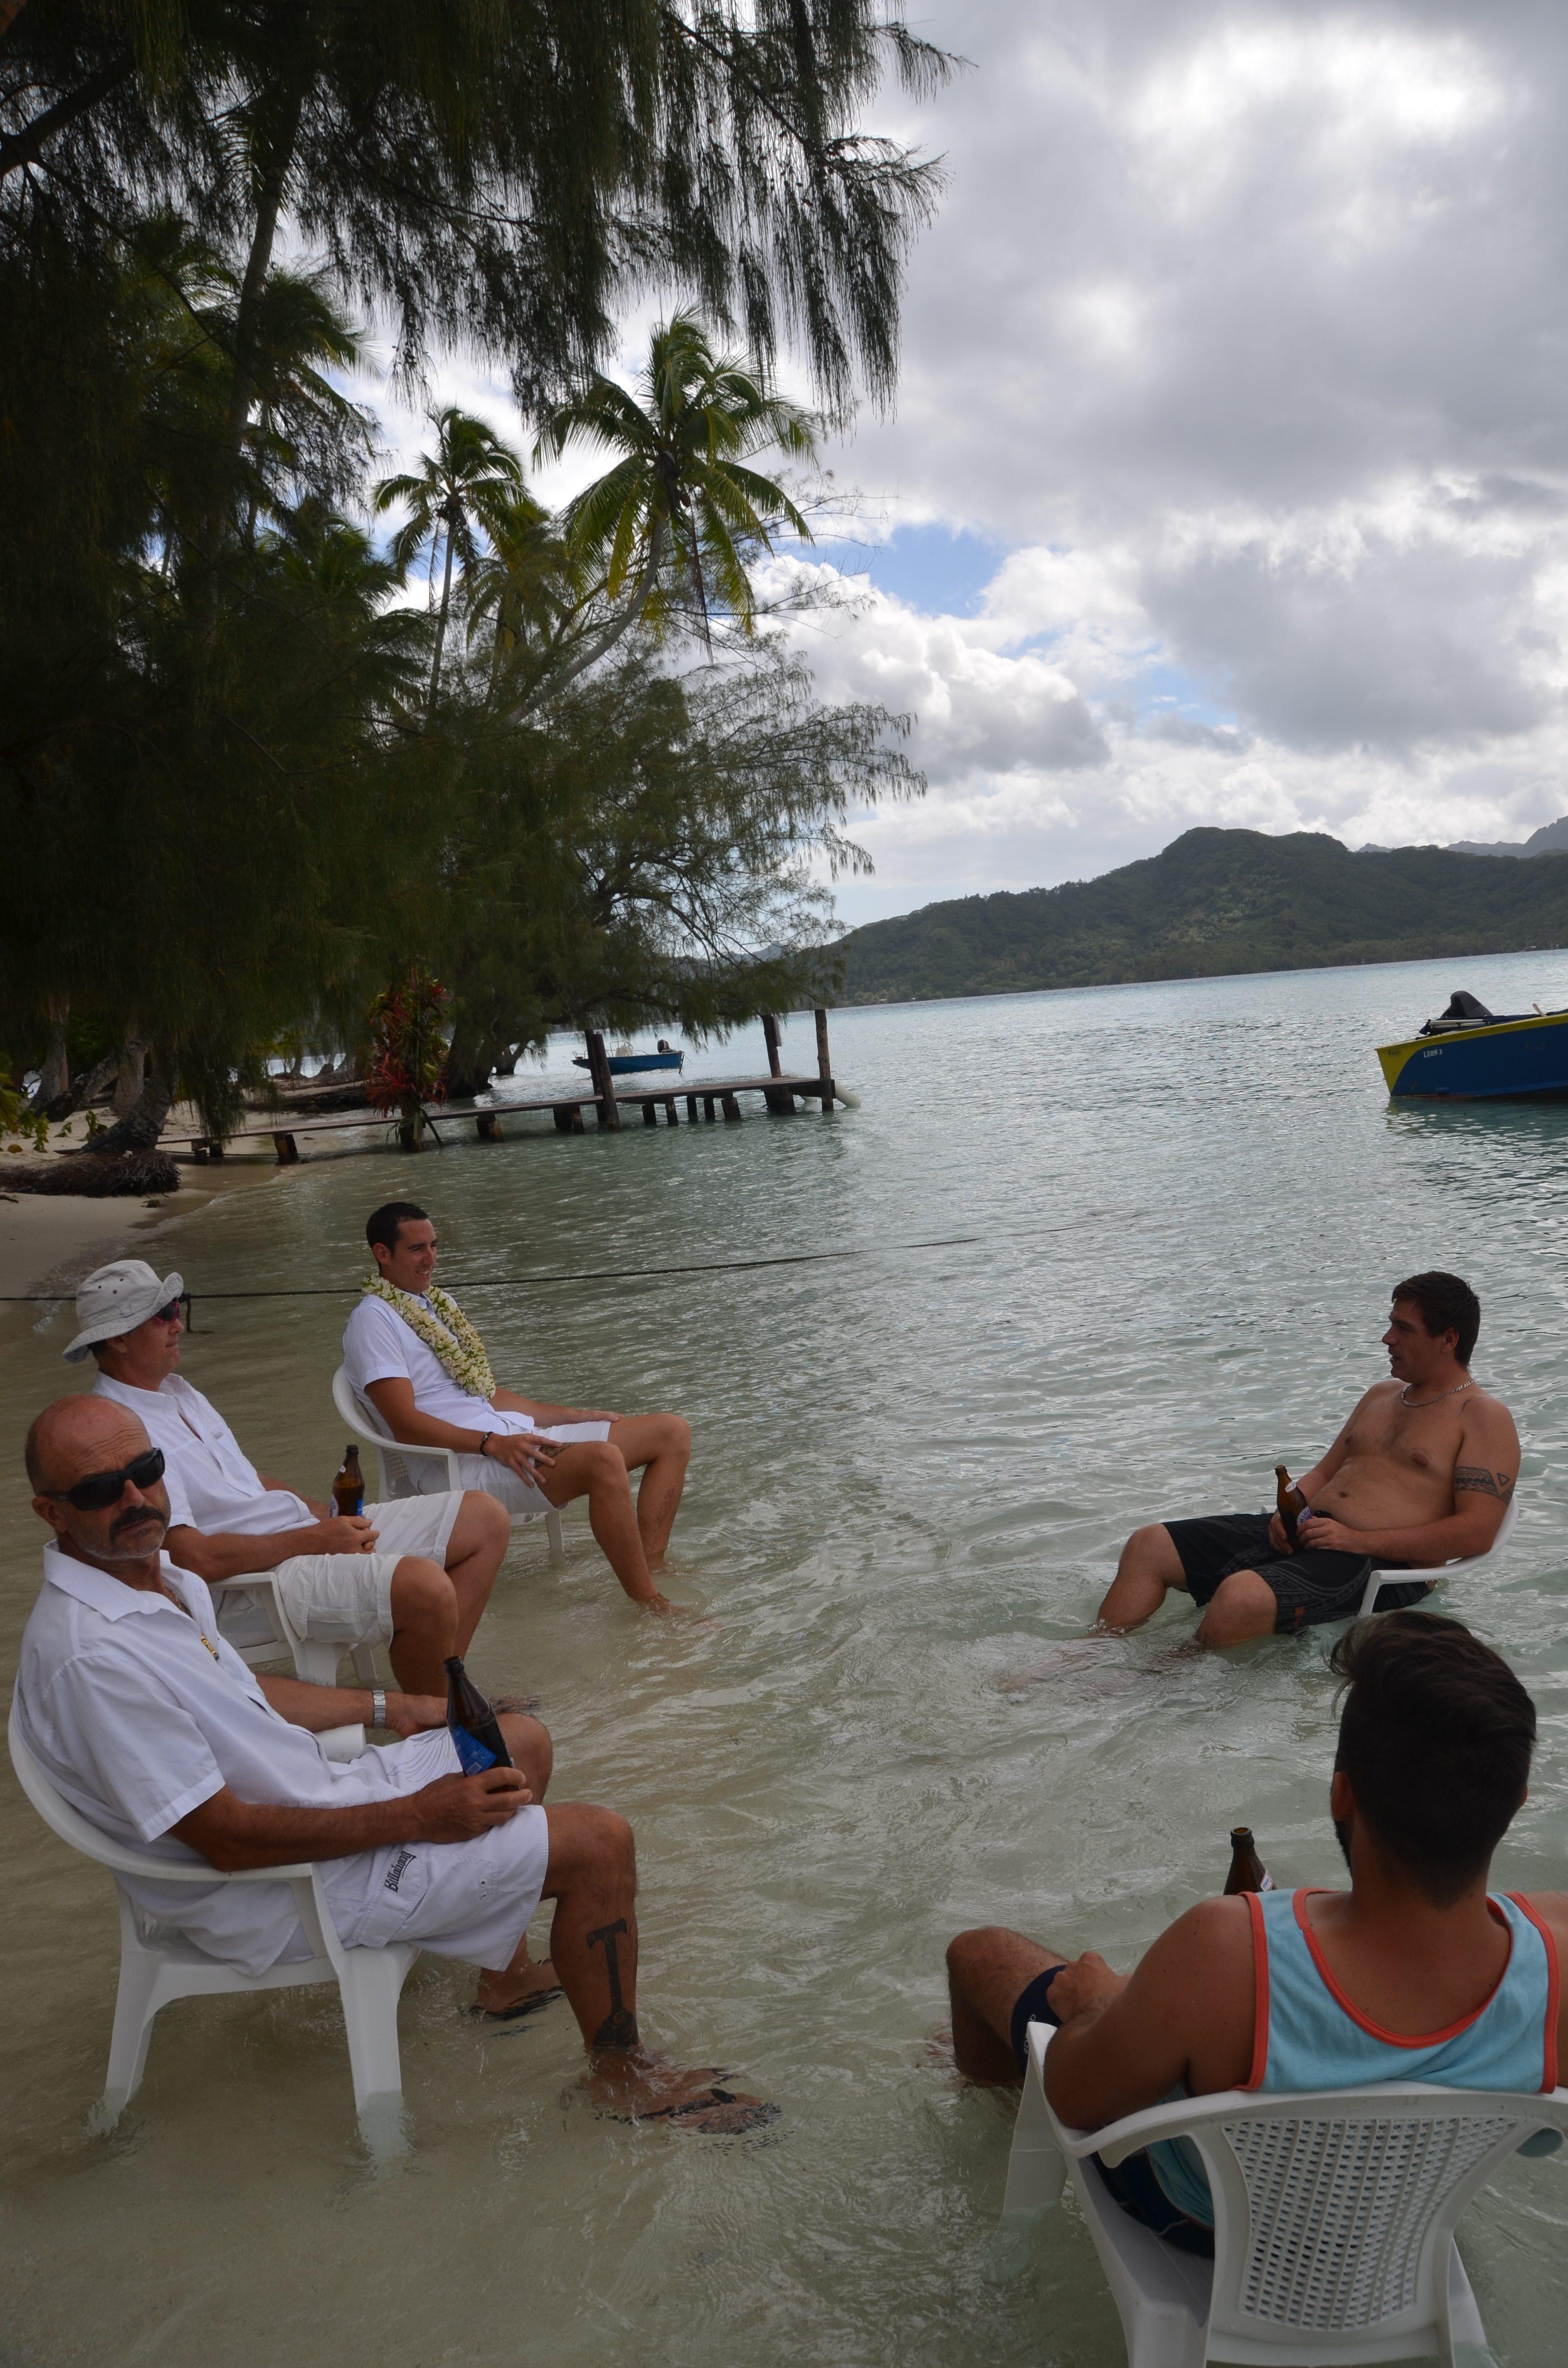 Mariage traditionnel en Polynésie Les pieds dans l'eau